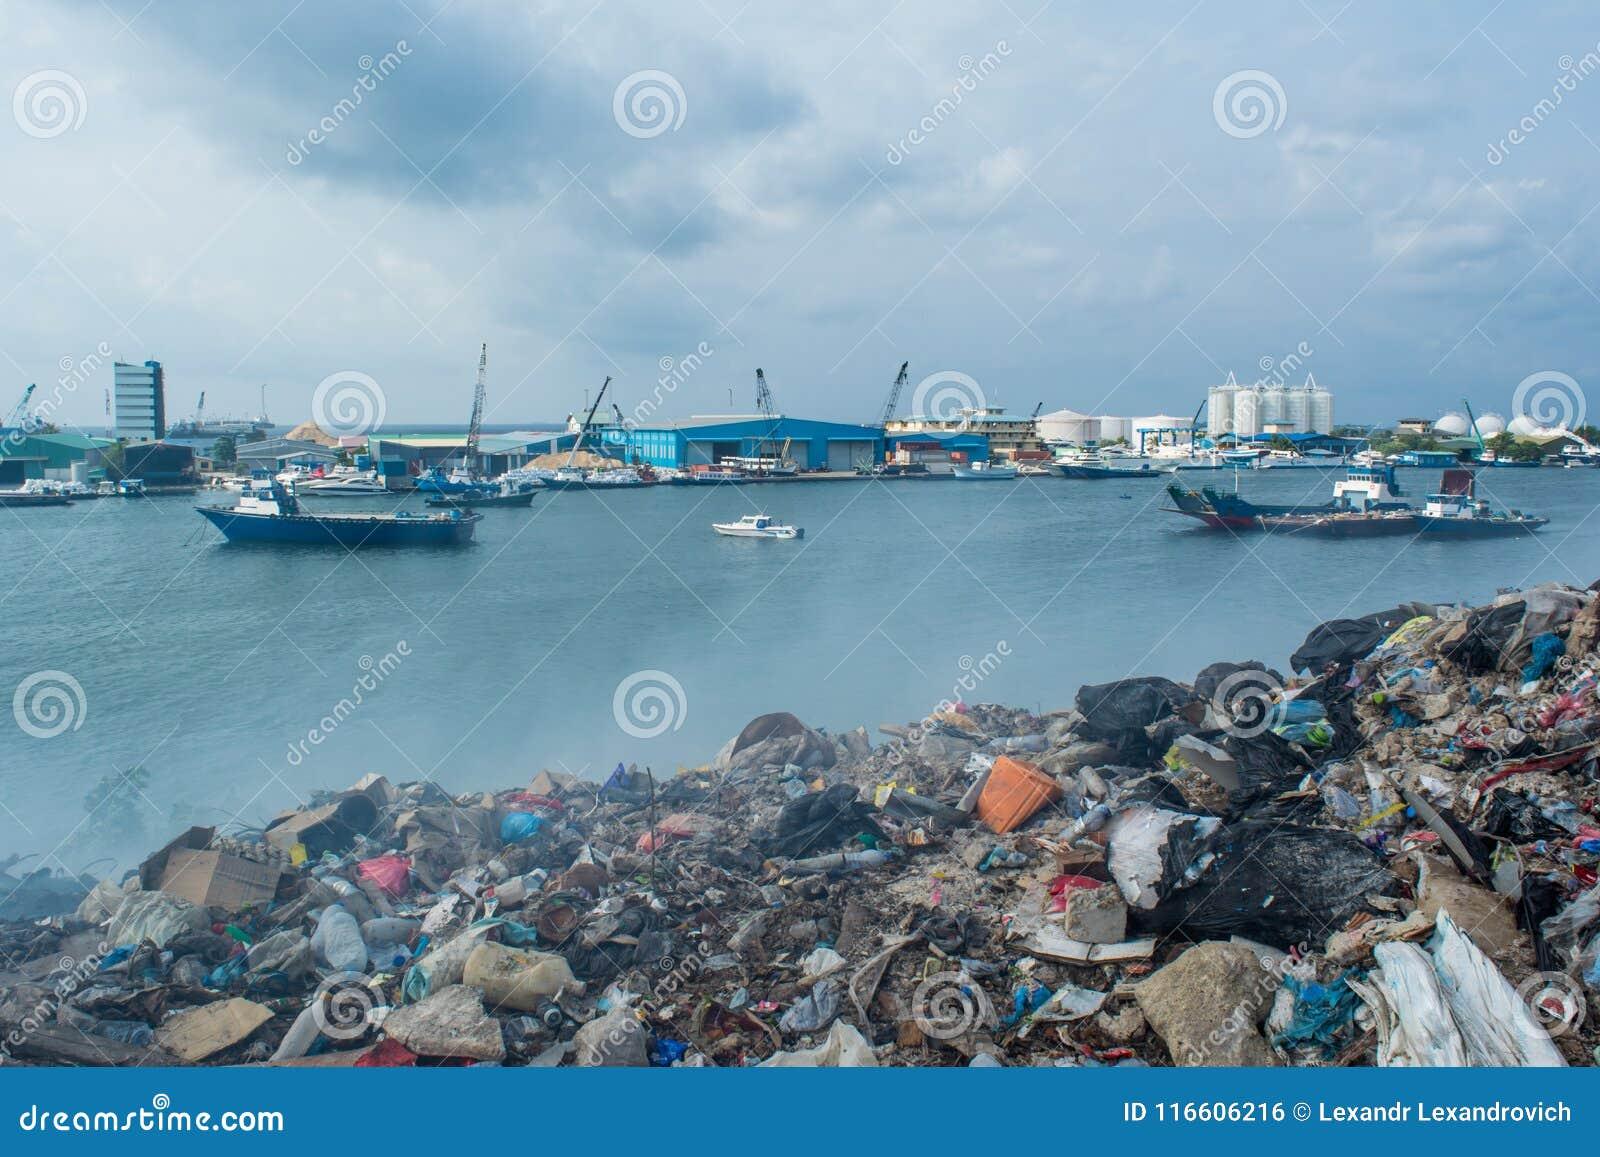 Descarga de lixo perto da vista para o mar completamente do fumo, da maca, de garrafas plásticas, de desperdícios e de lixo na il